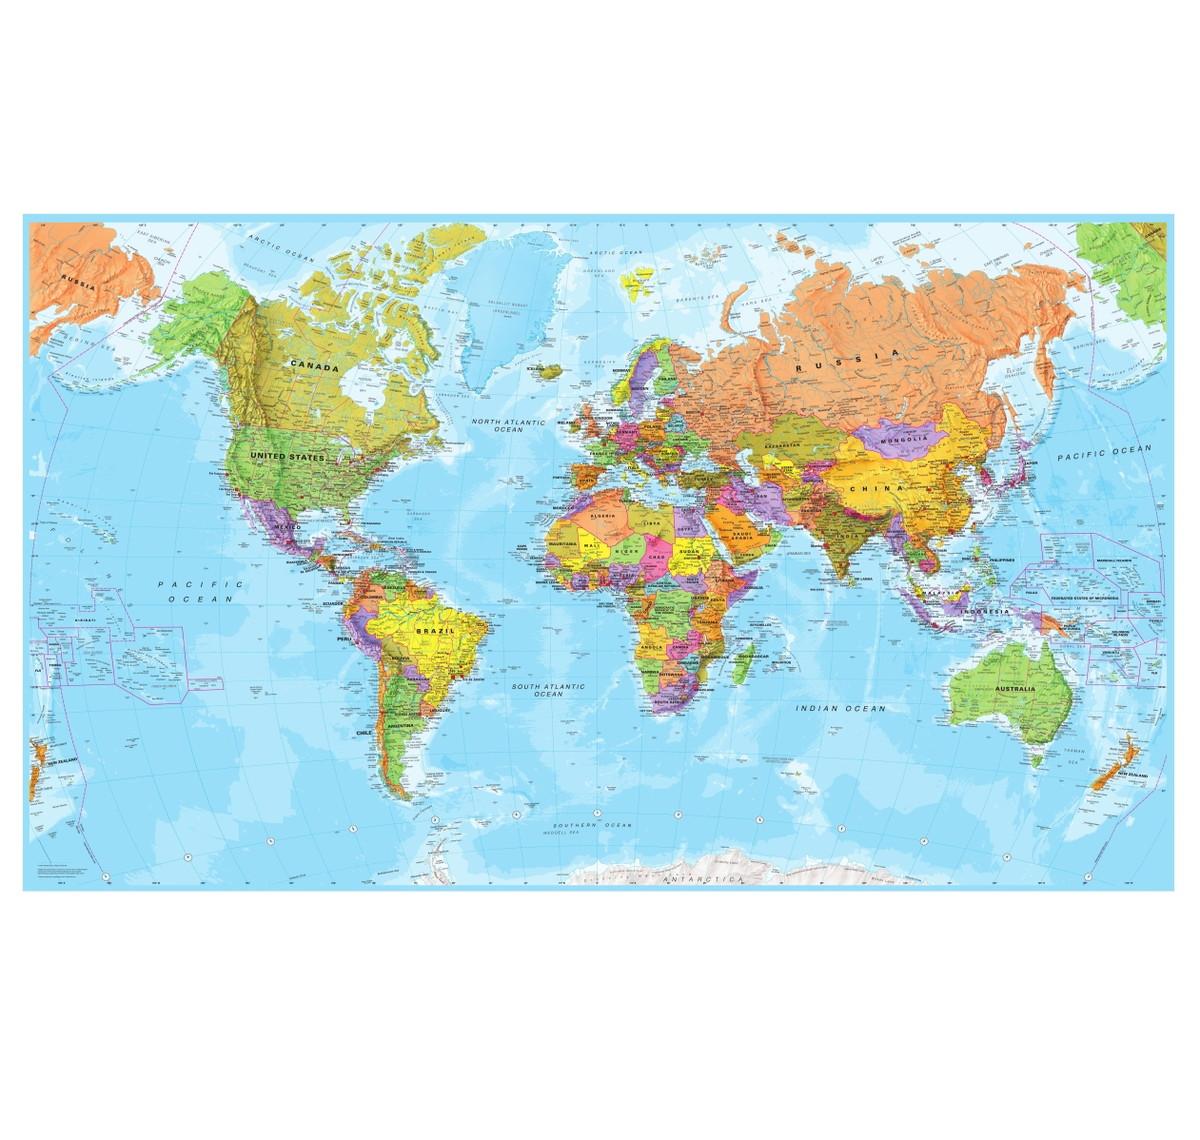 Adesivo Mapa Mundi De Parede M62  QuartinhoDecorado  Elo7